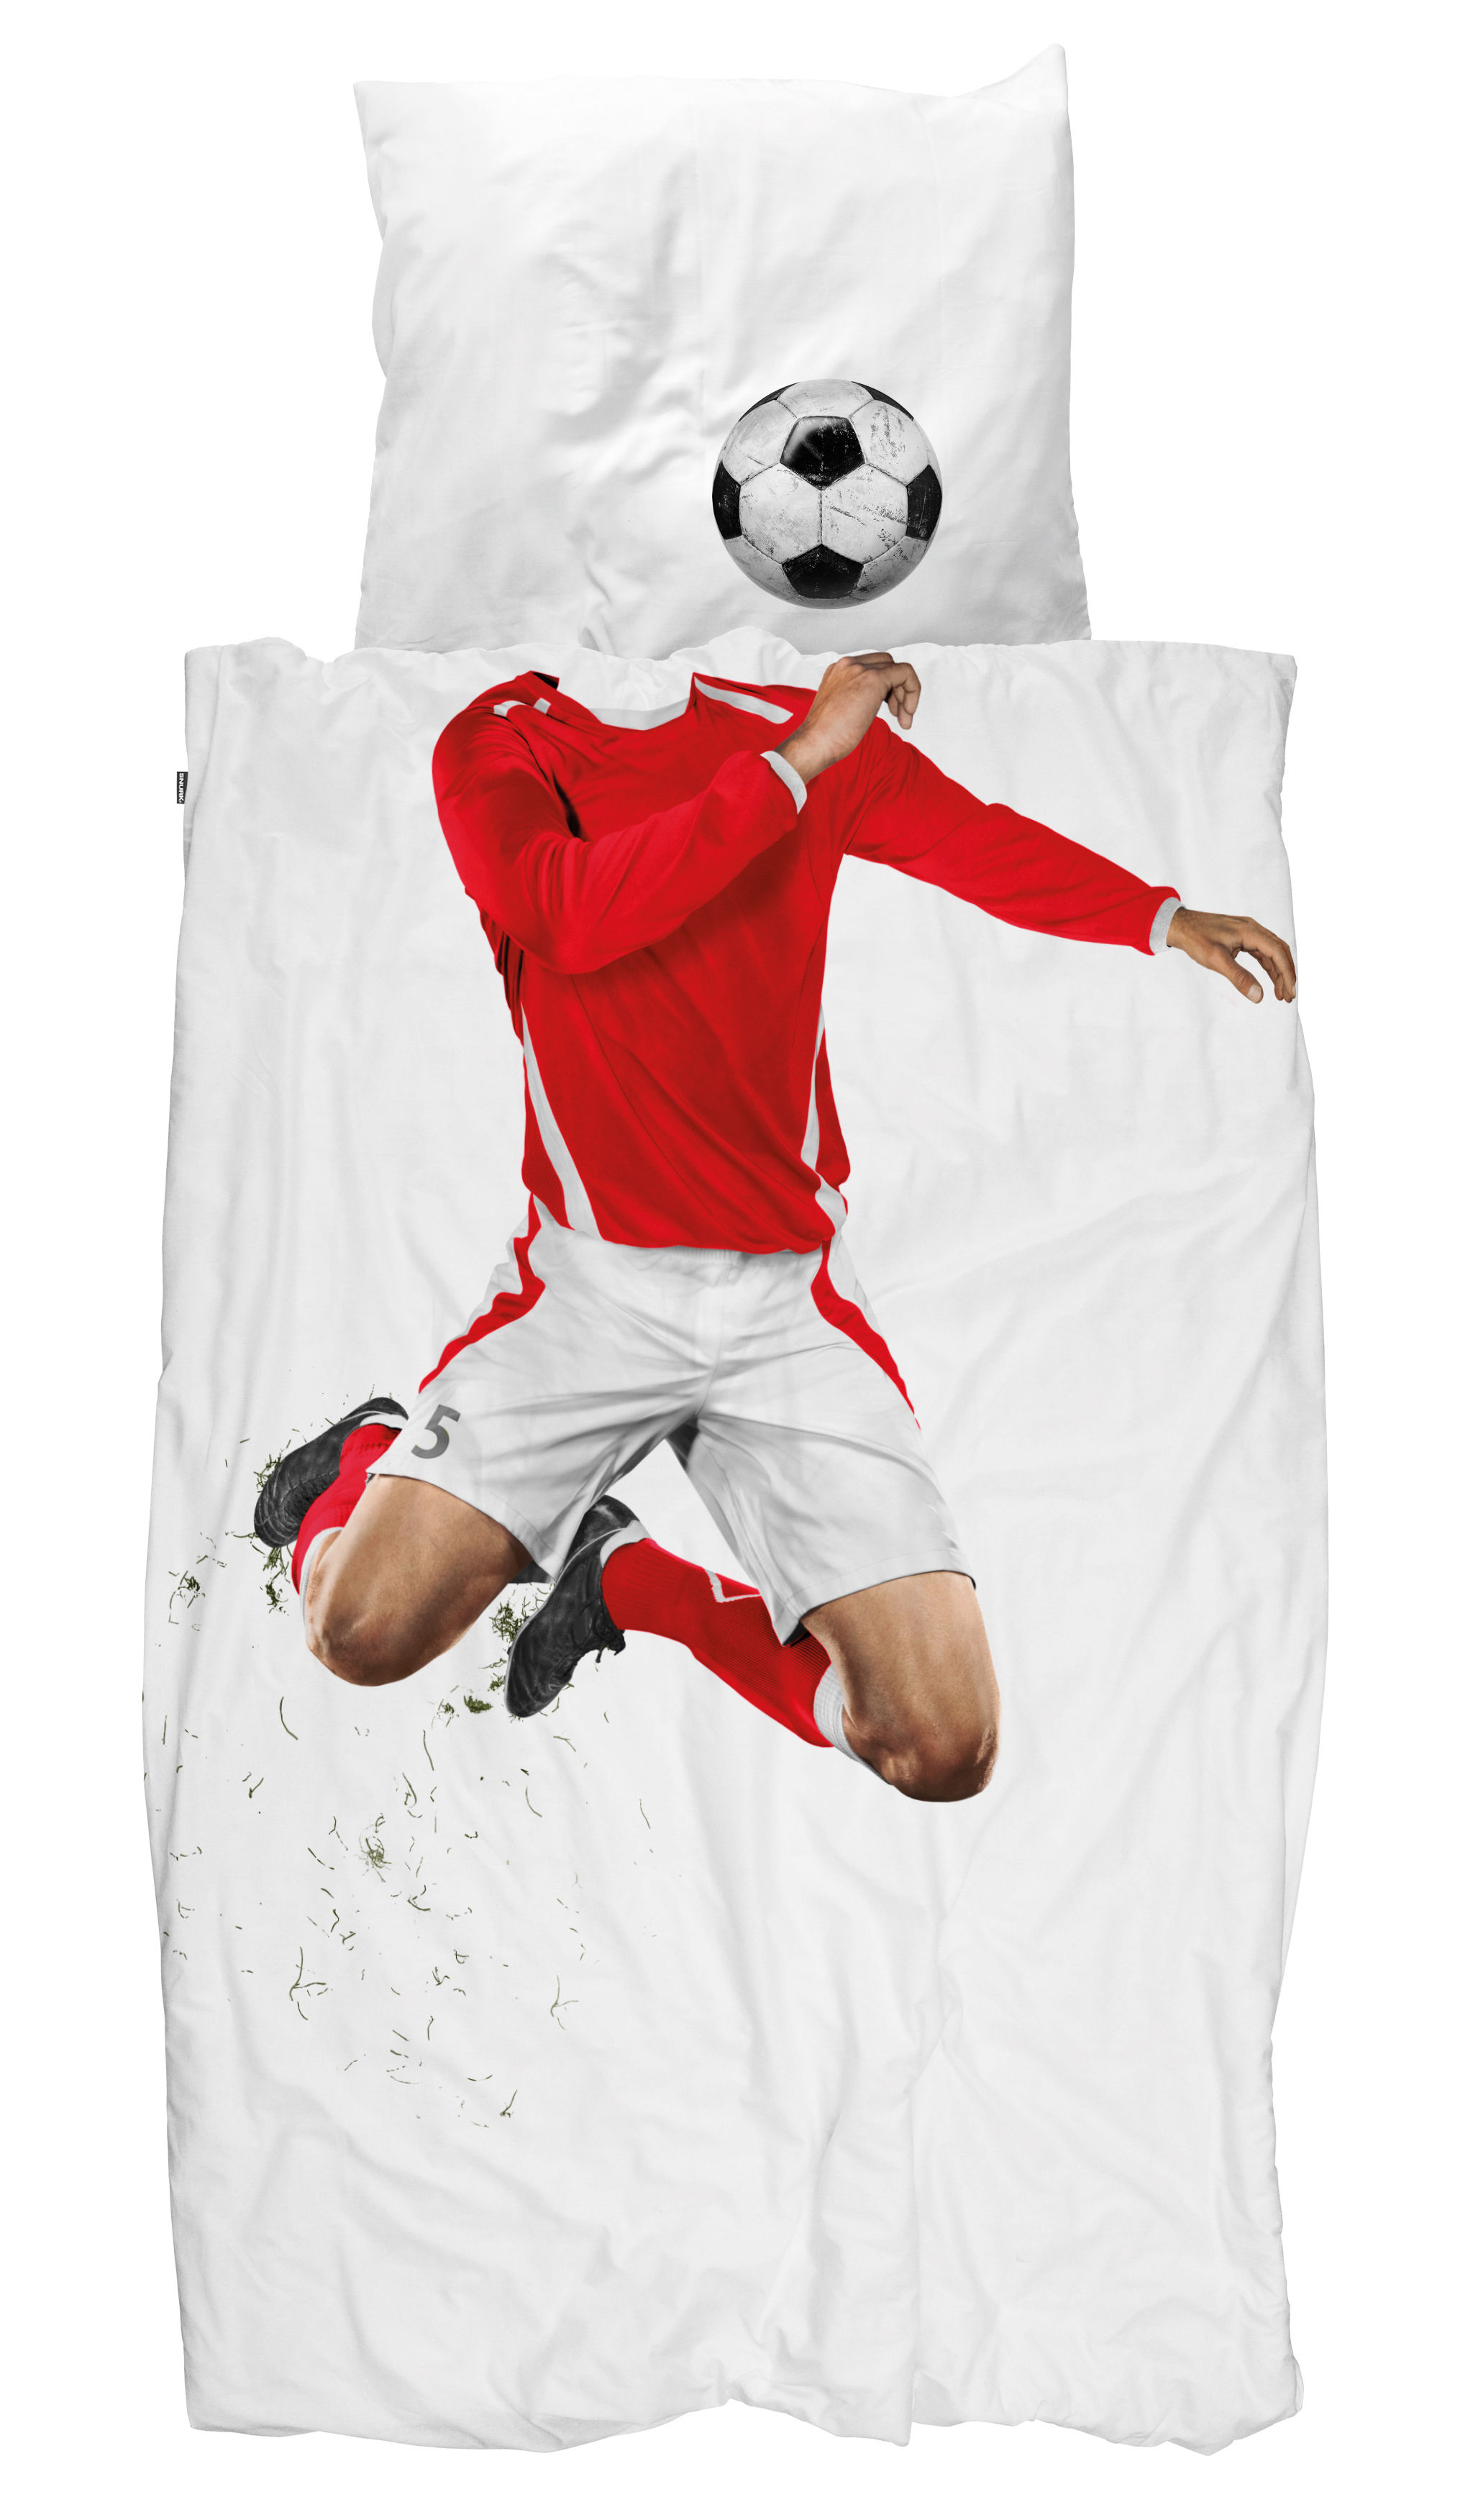 Parure de lit 1 personne Footballer / 140 x 200 cm - Snurk rouge en tissu